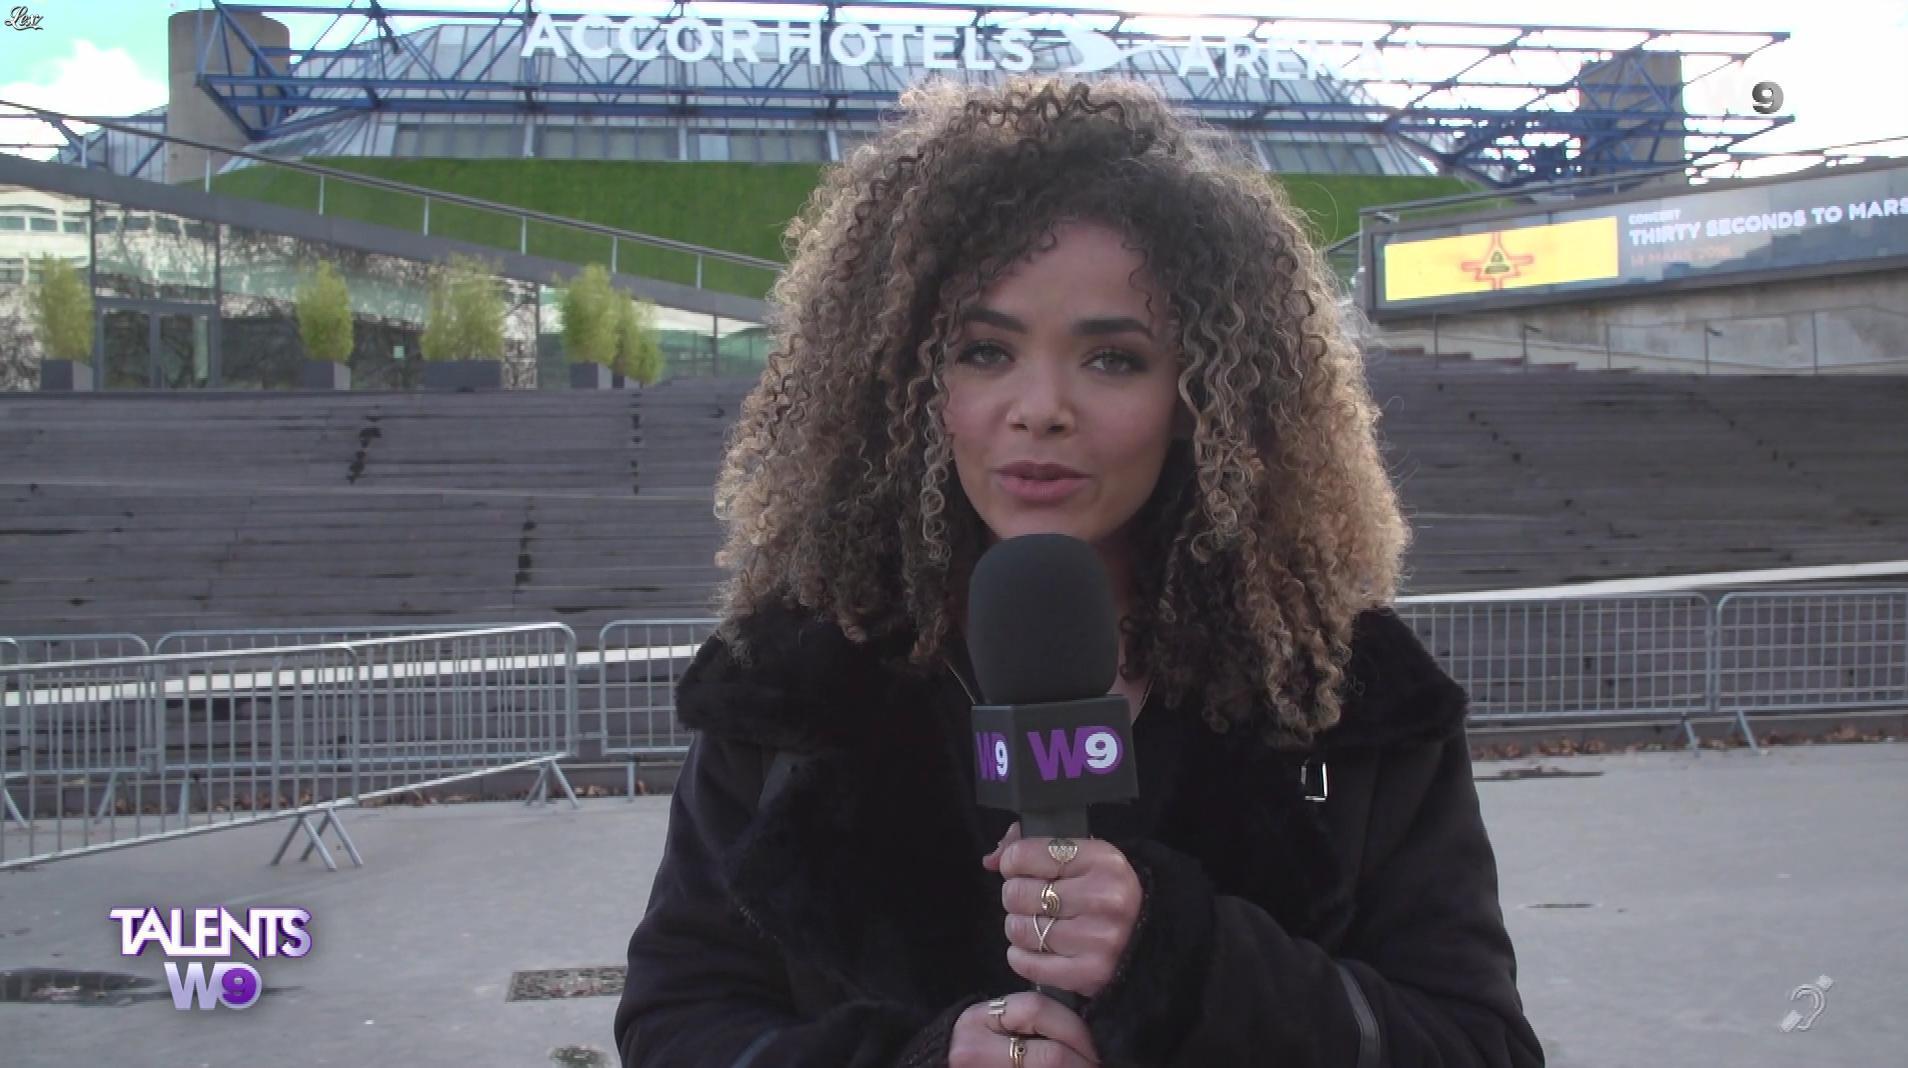 Anaïs Grangerac dans Talents W9. Diffusé à la télévision le 30/12/17.